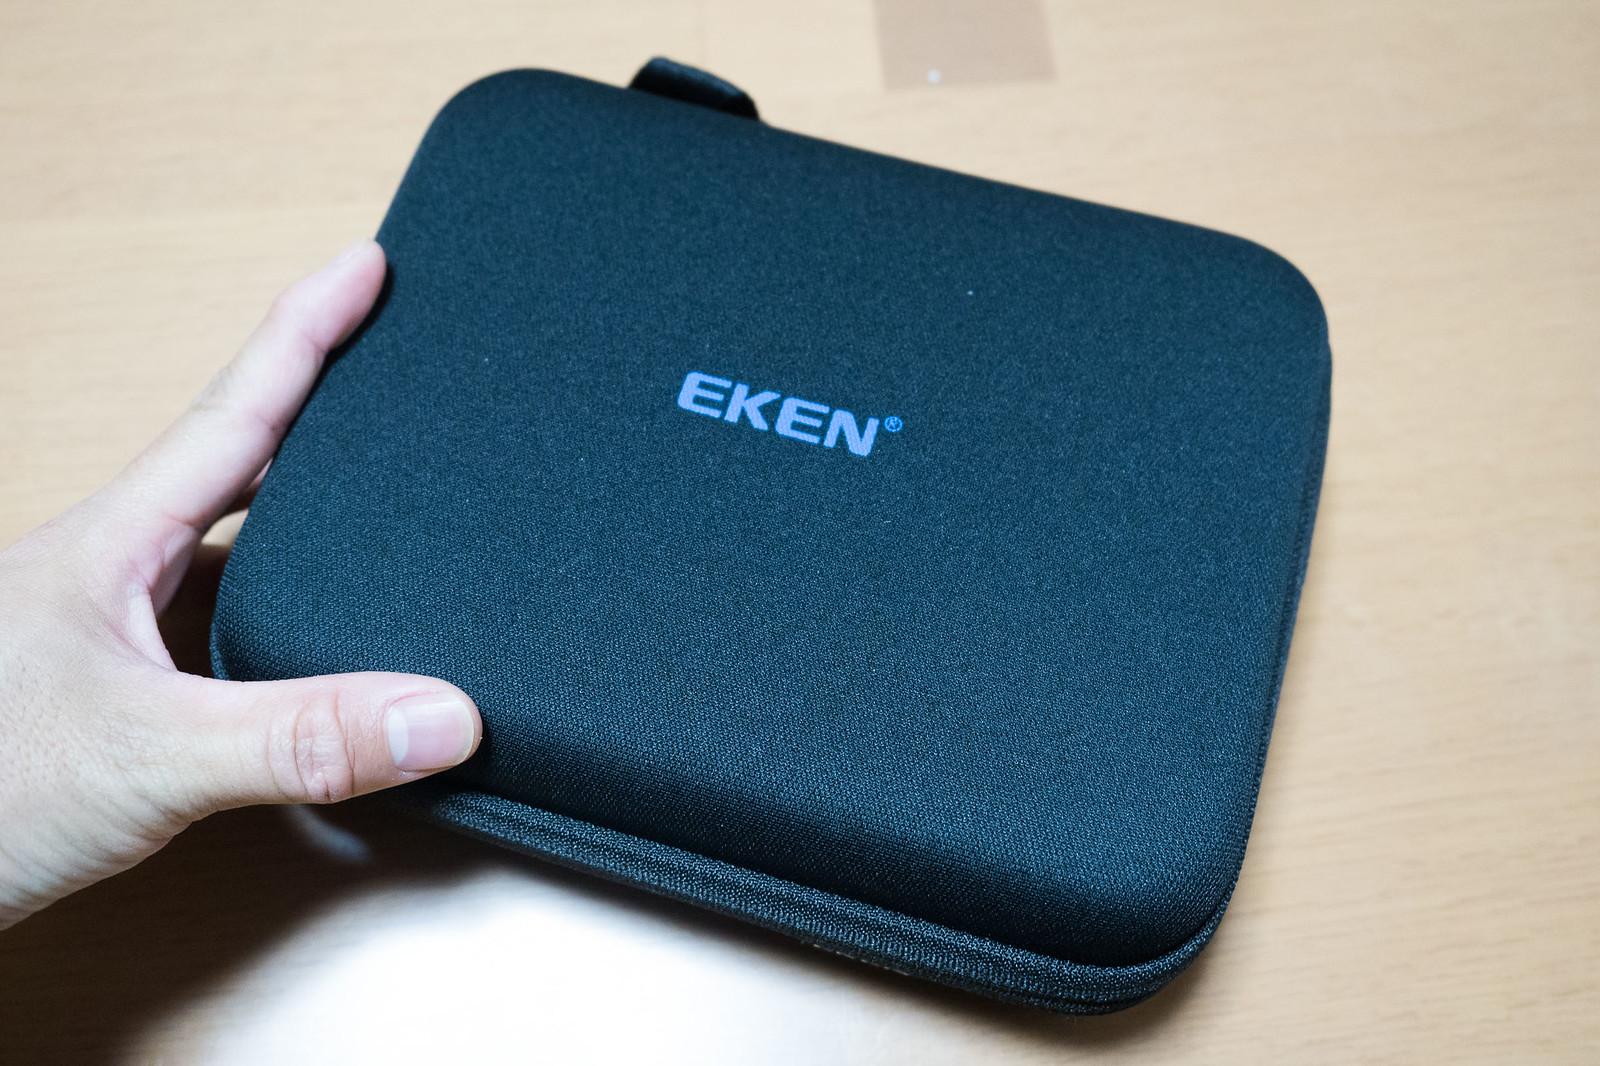 EKEN_4K_actionCam-2